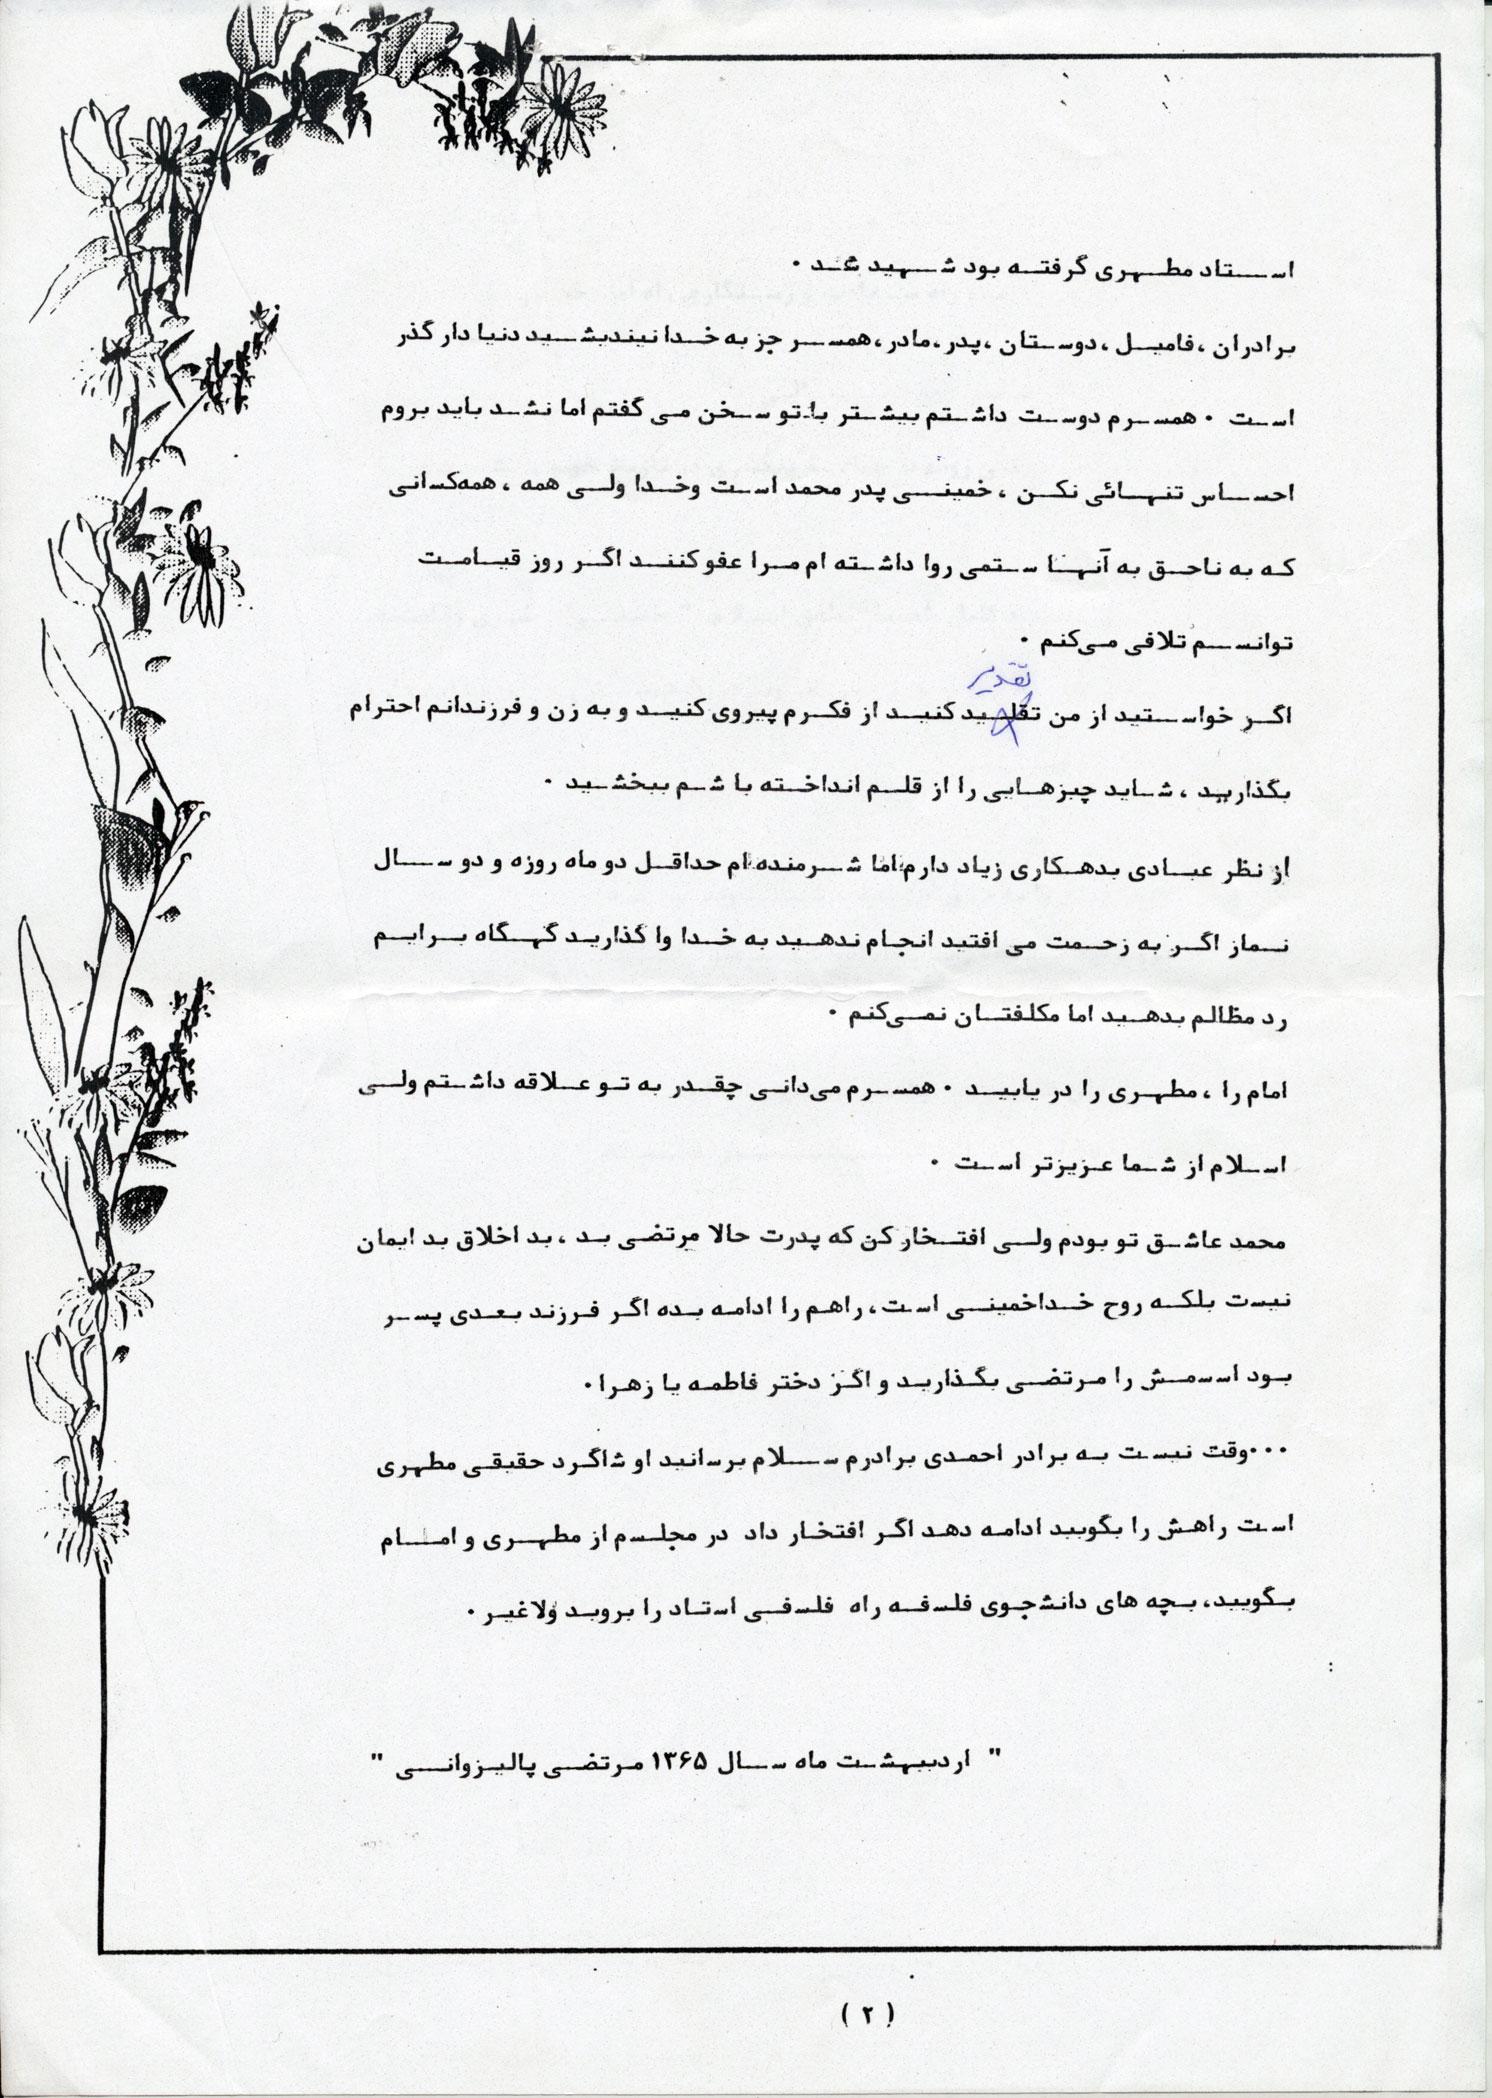 وصیتنامه پاسدار شهید مرتضی پالیزوانی/ امام خمینی و استاد شهید مرتضی مطهری را دریابید